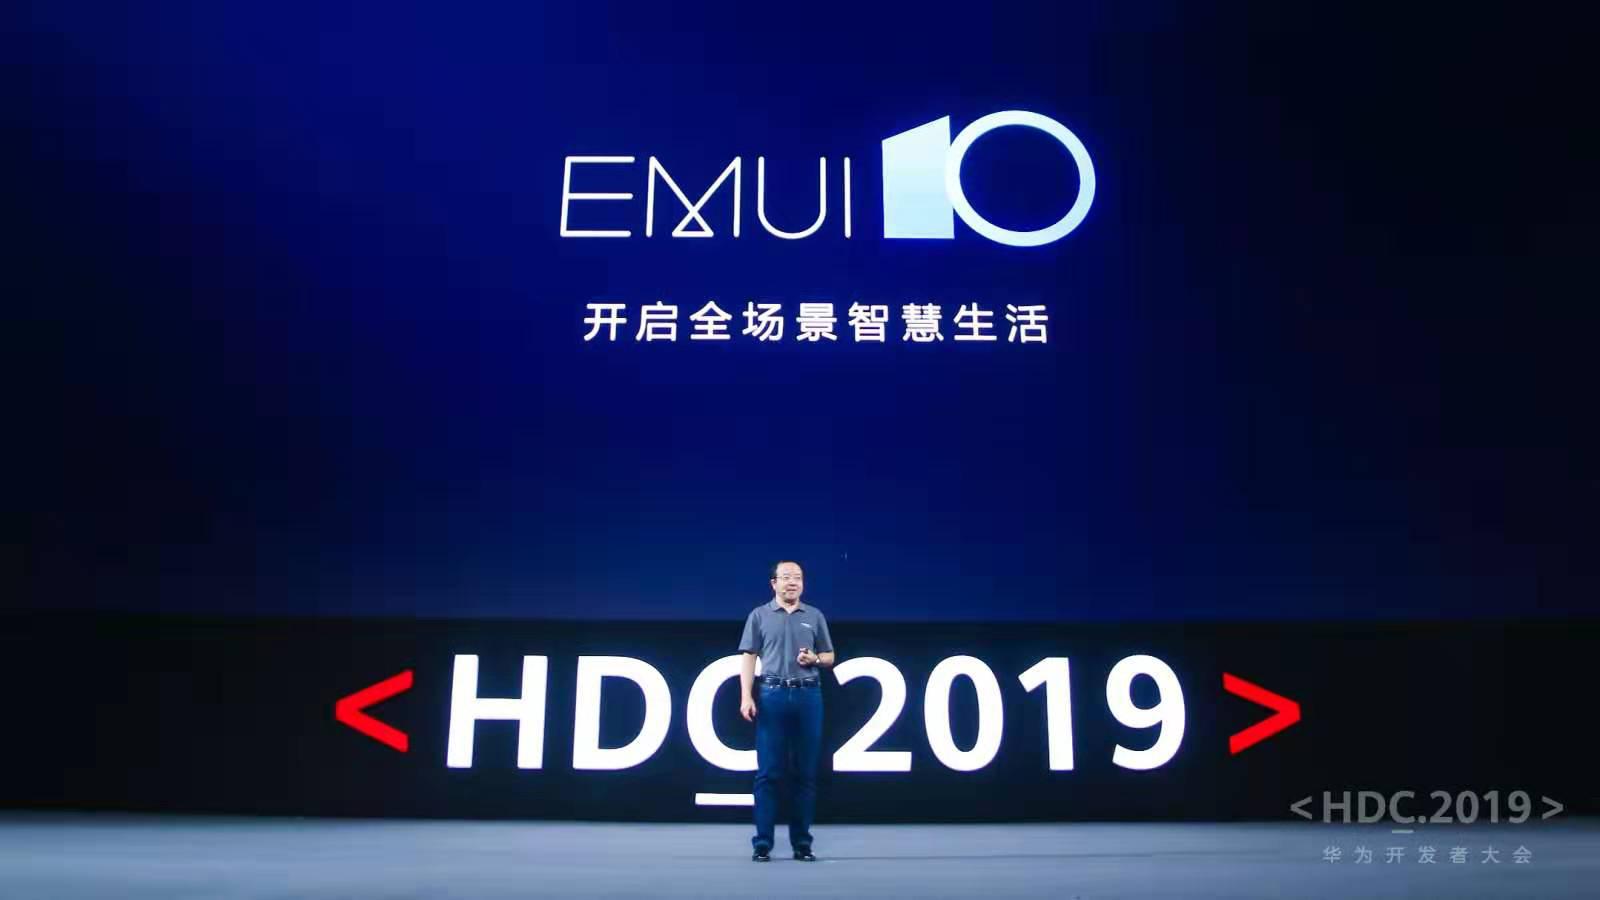 """分布式技术打造""""超级终端"""" EMUI10开启全场景智慧生活"""